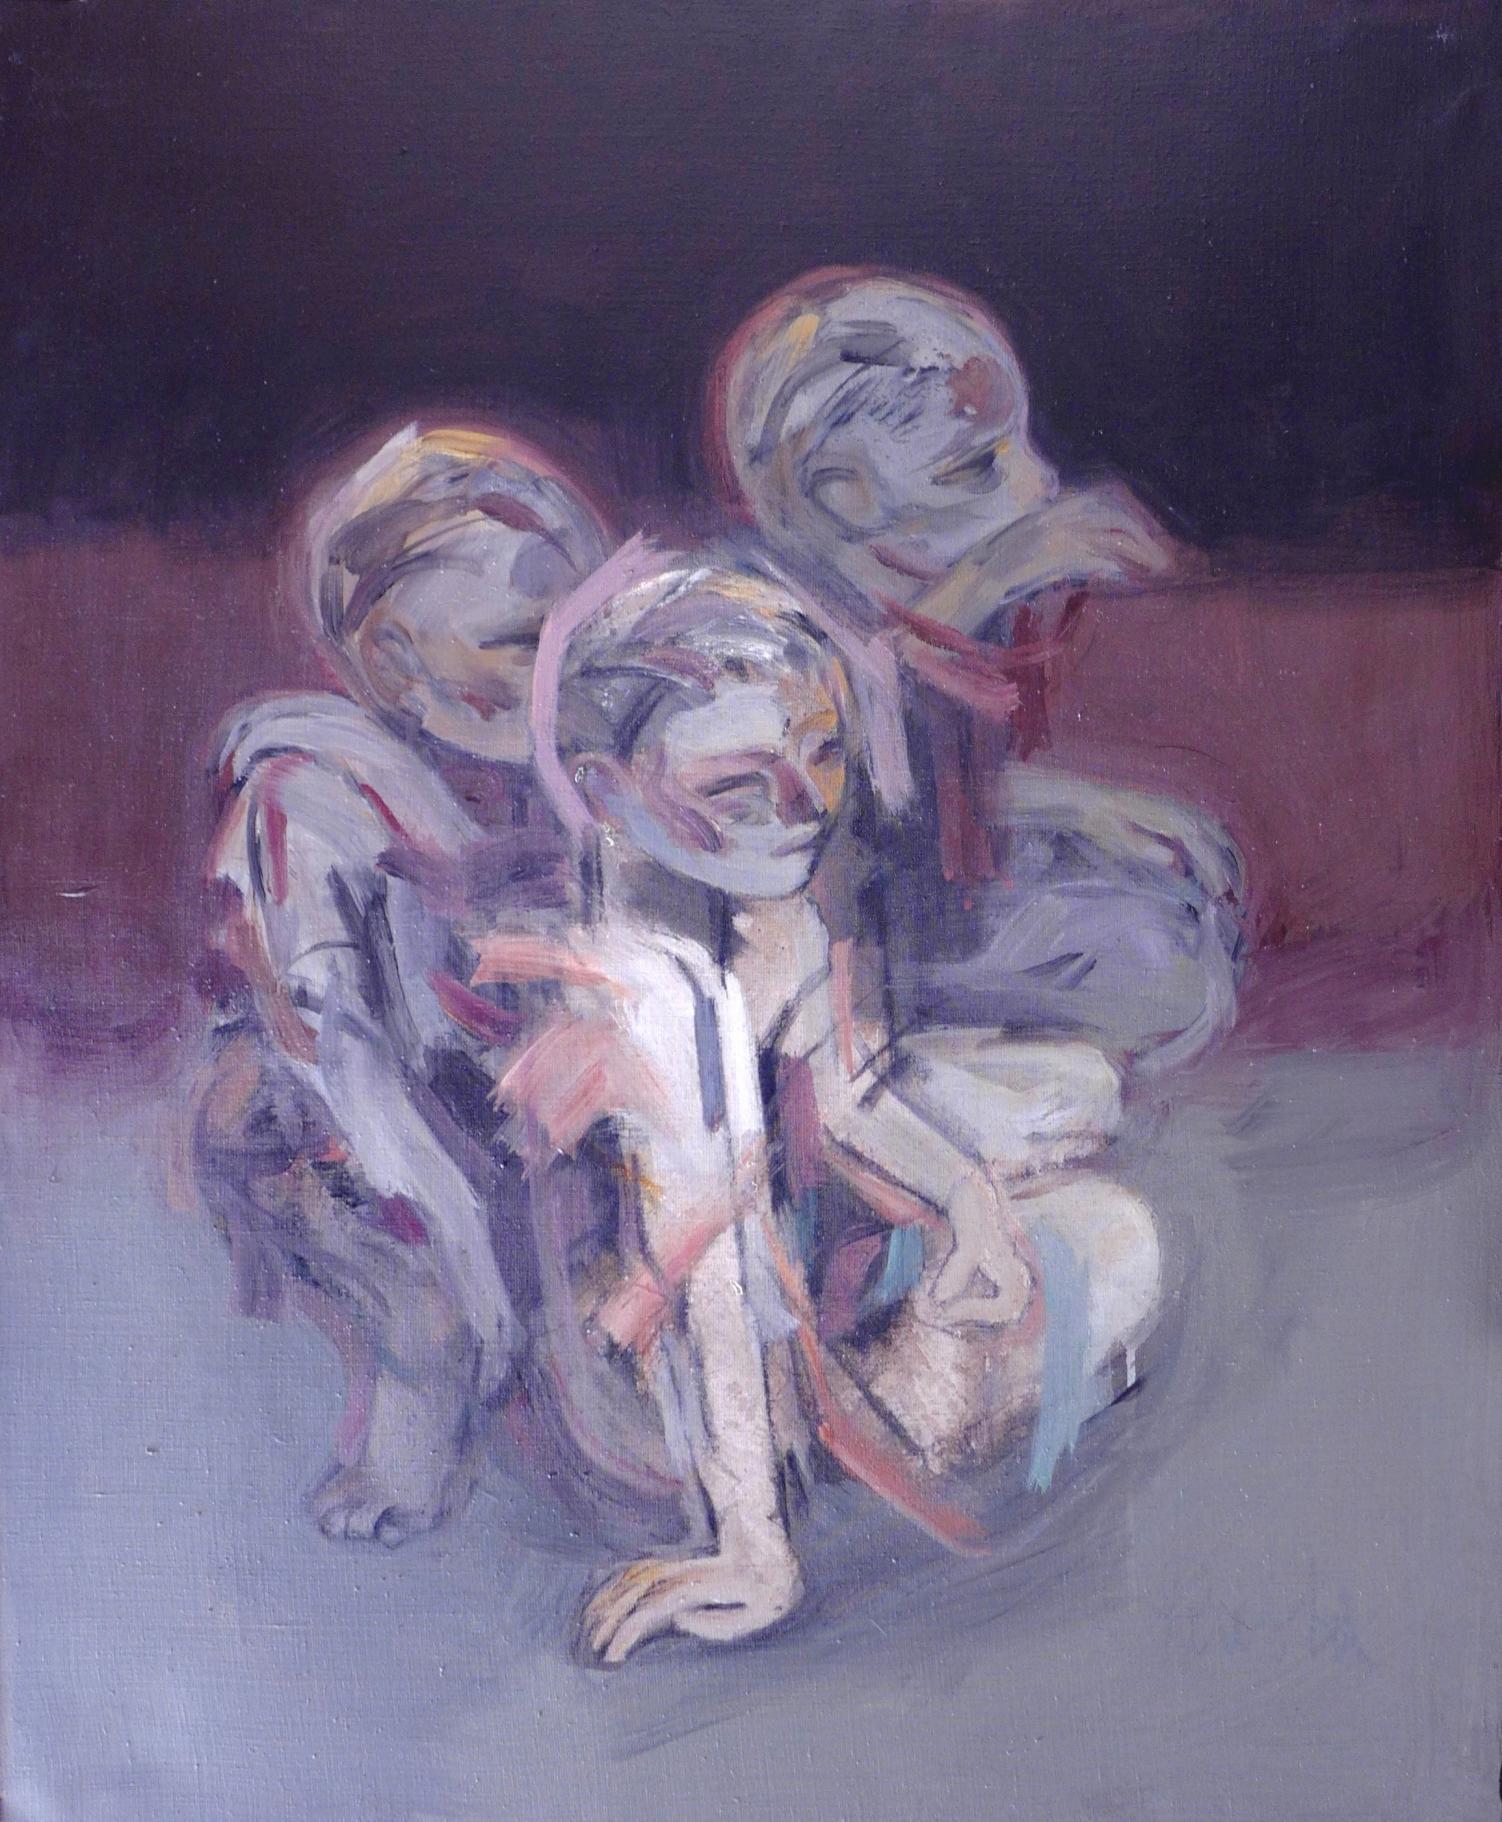 sin título (2001) - Teo Puebla Morón